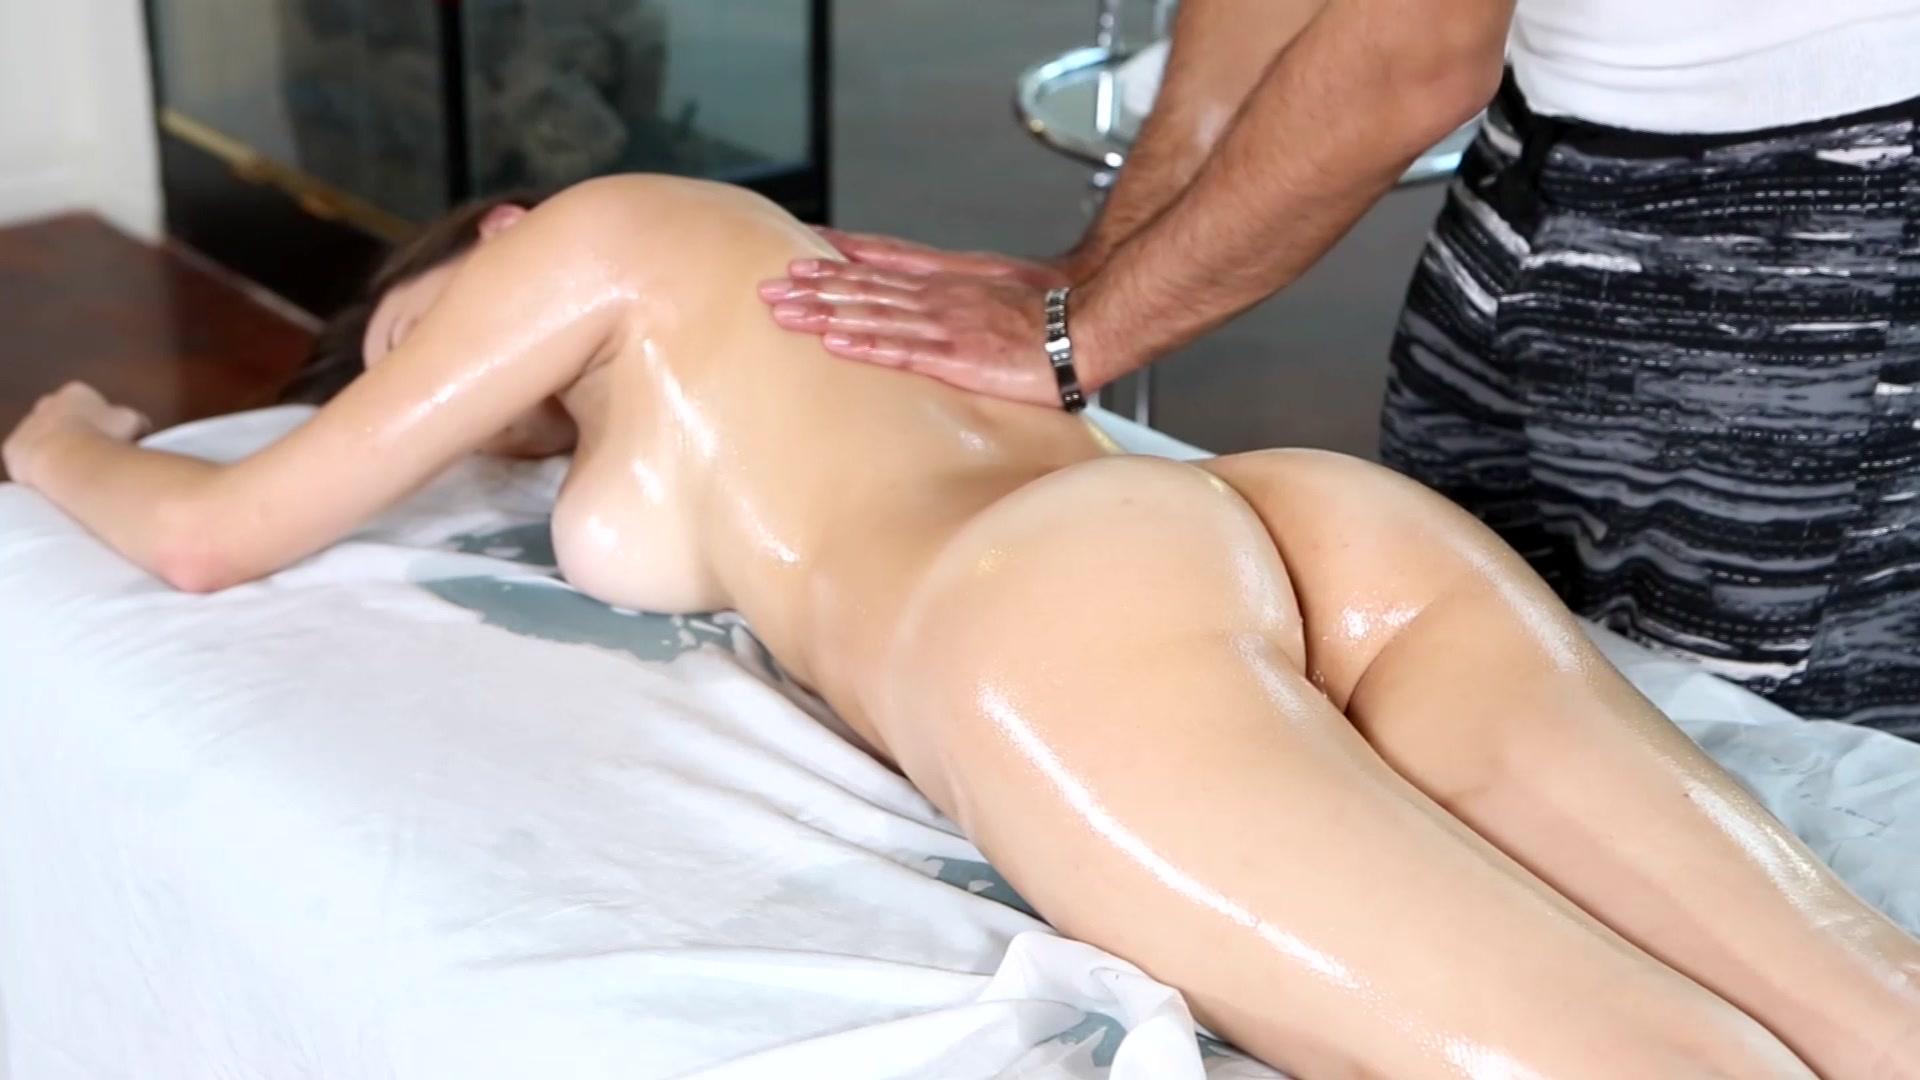 erotische massage free erotiek gratis preview